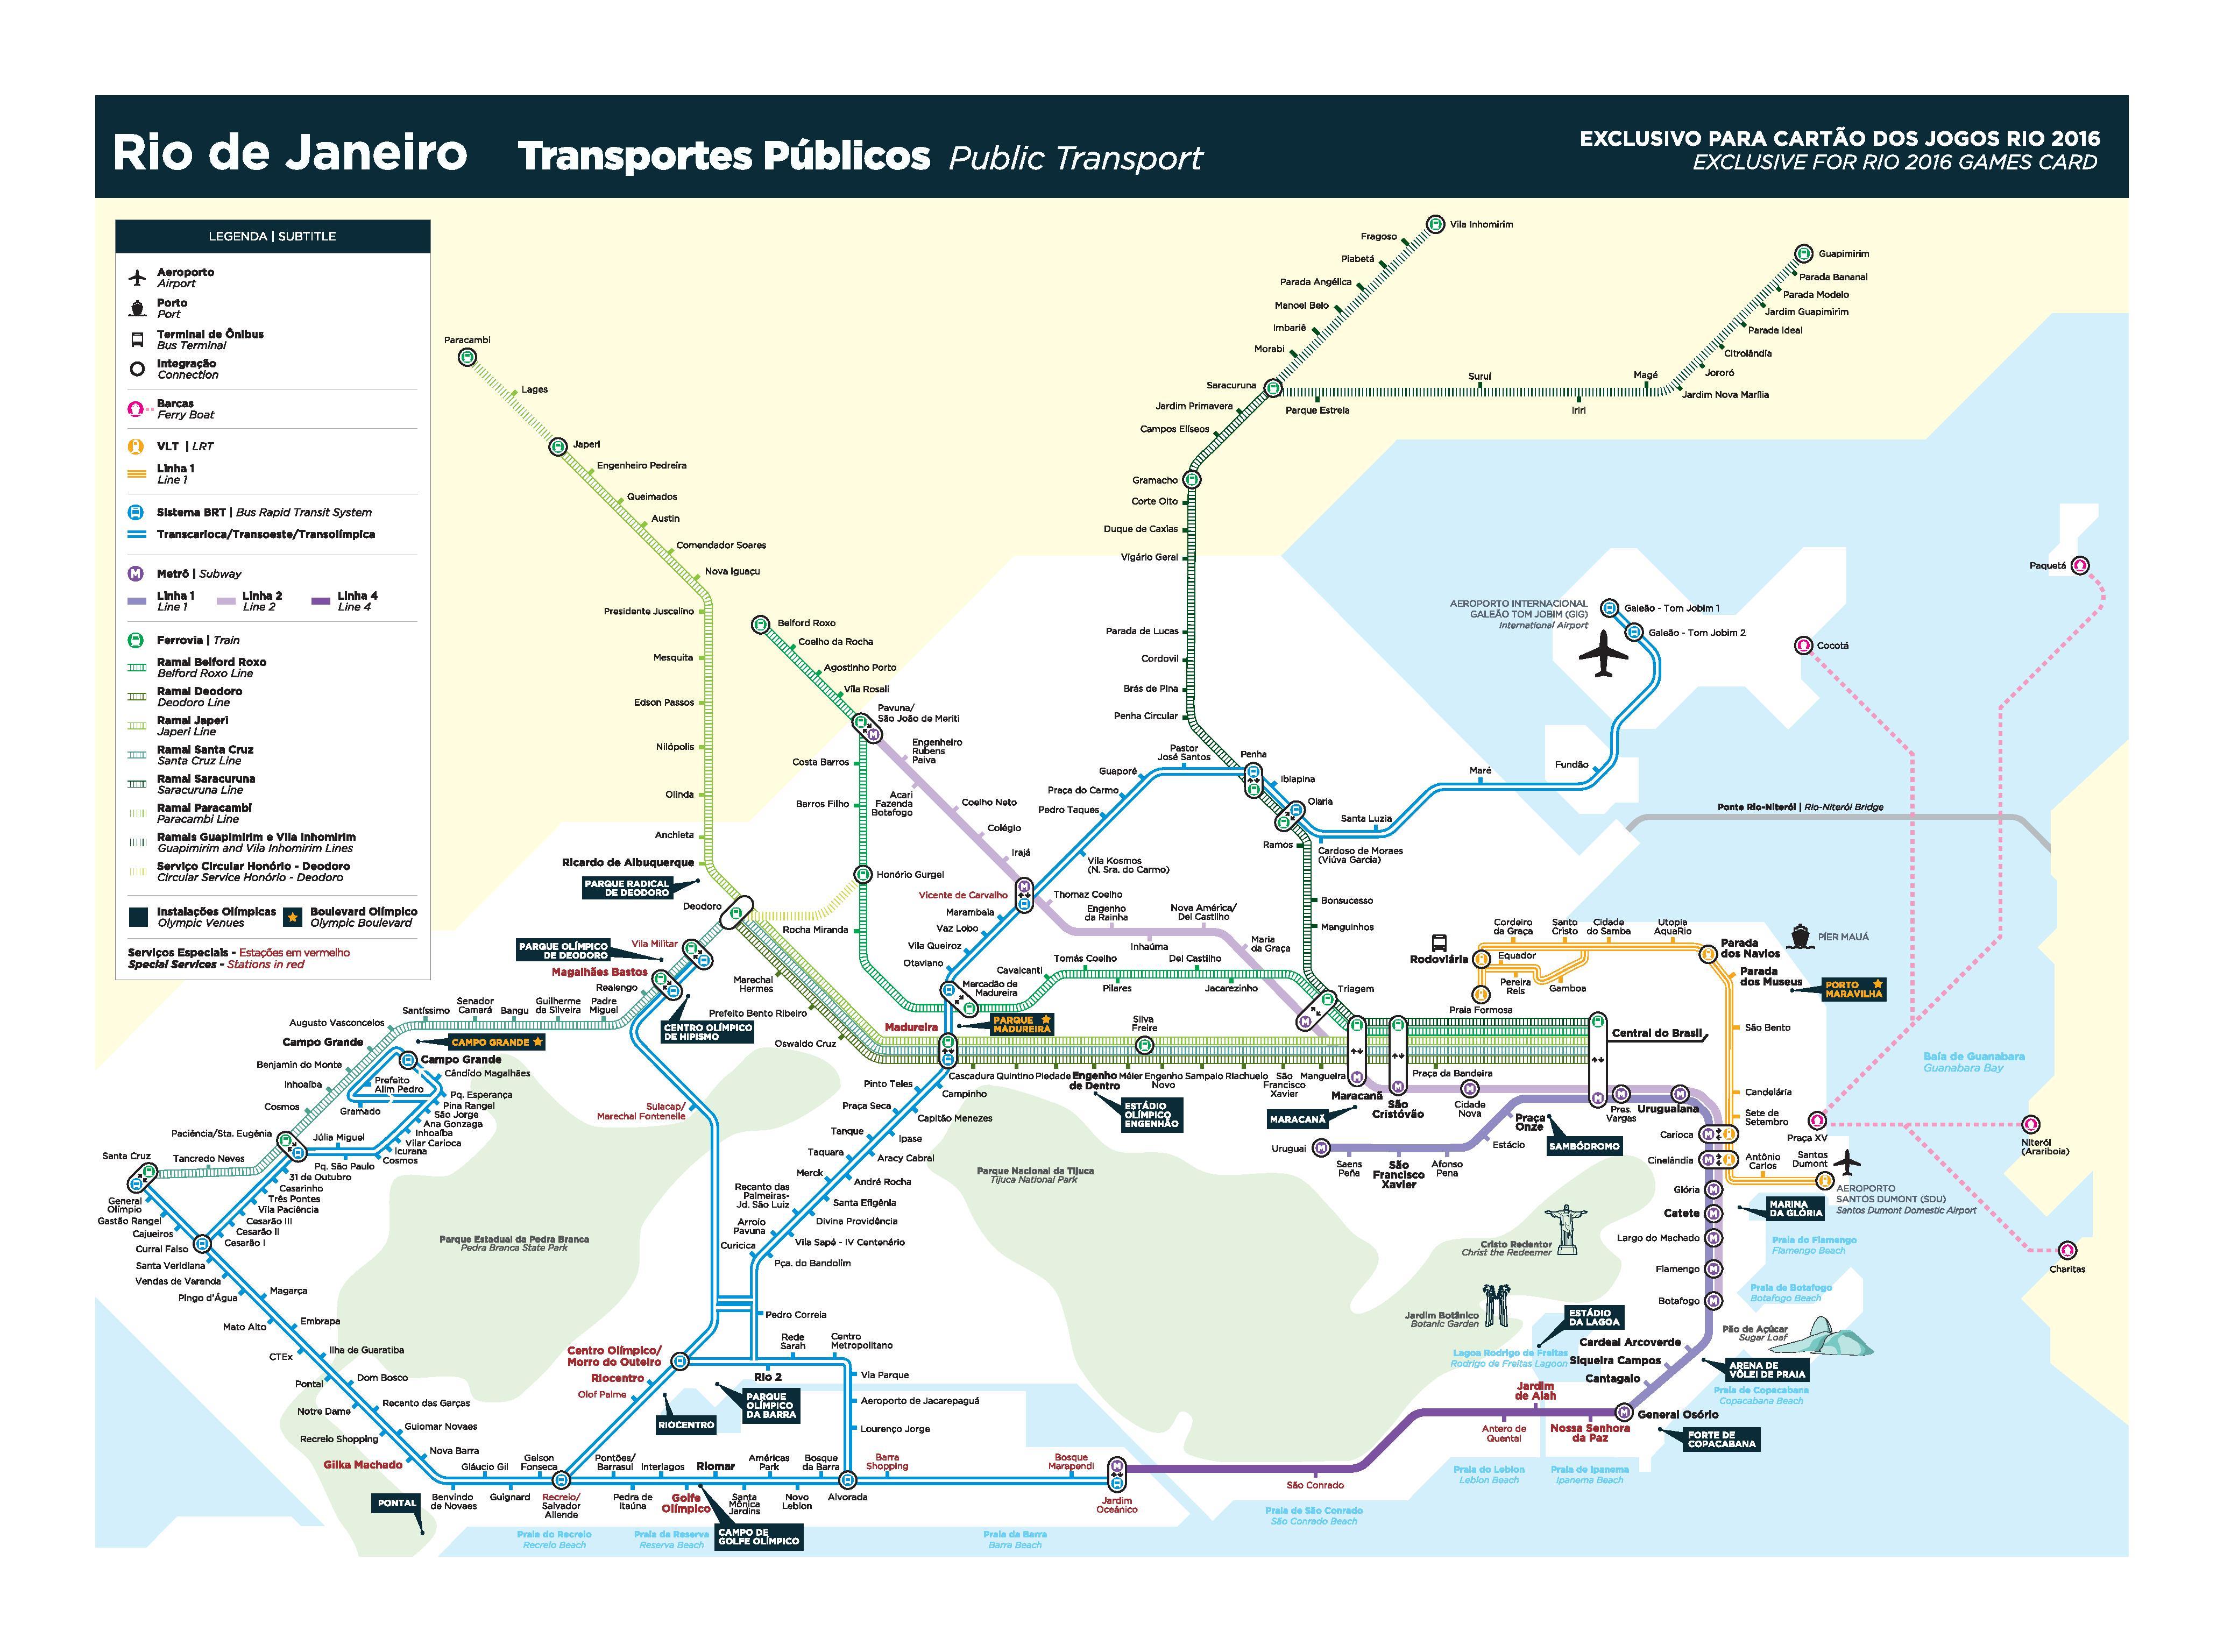 Esse mapa é ótimo para ver as conexões entre o BRT, trem, VLT e metrô!